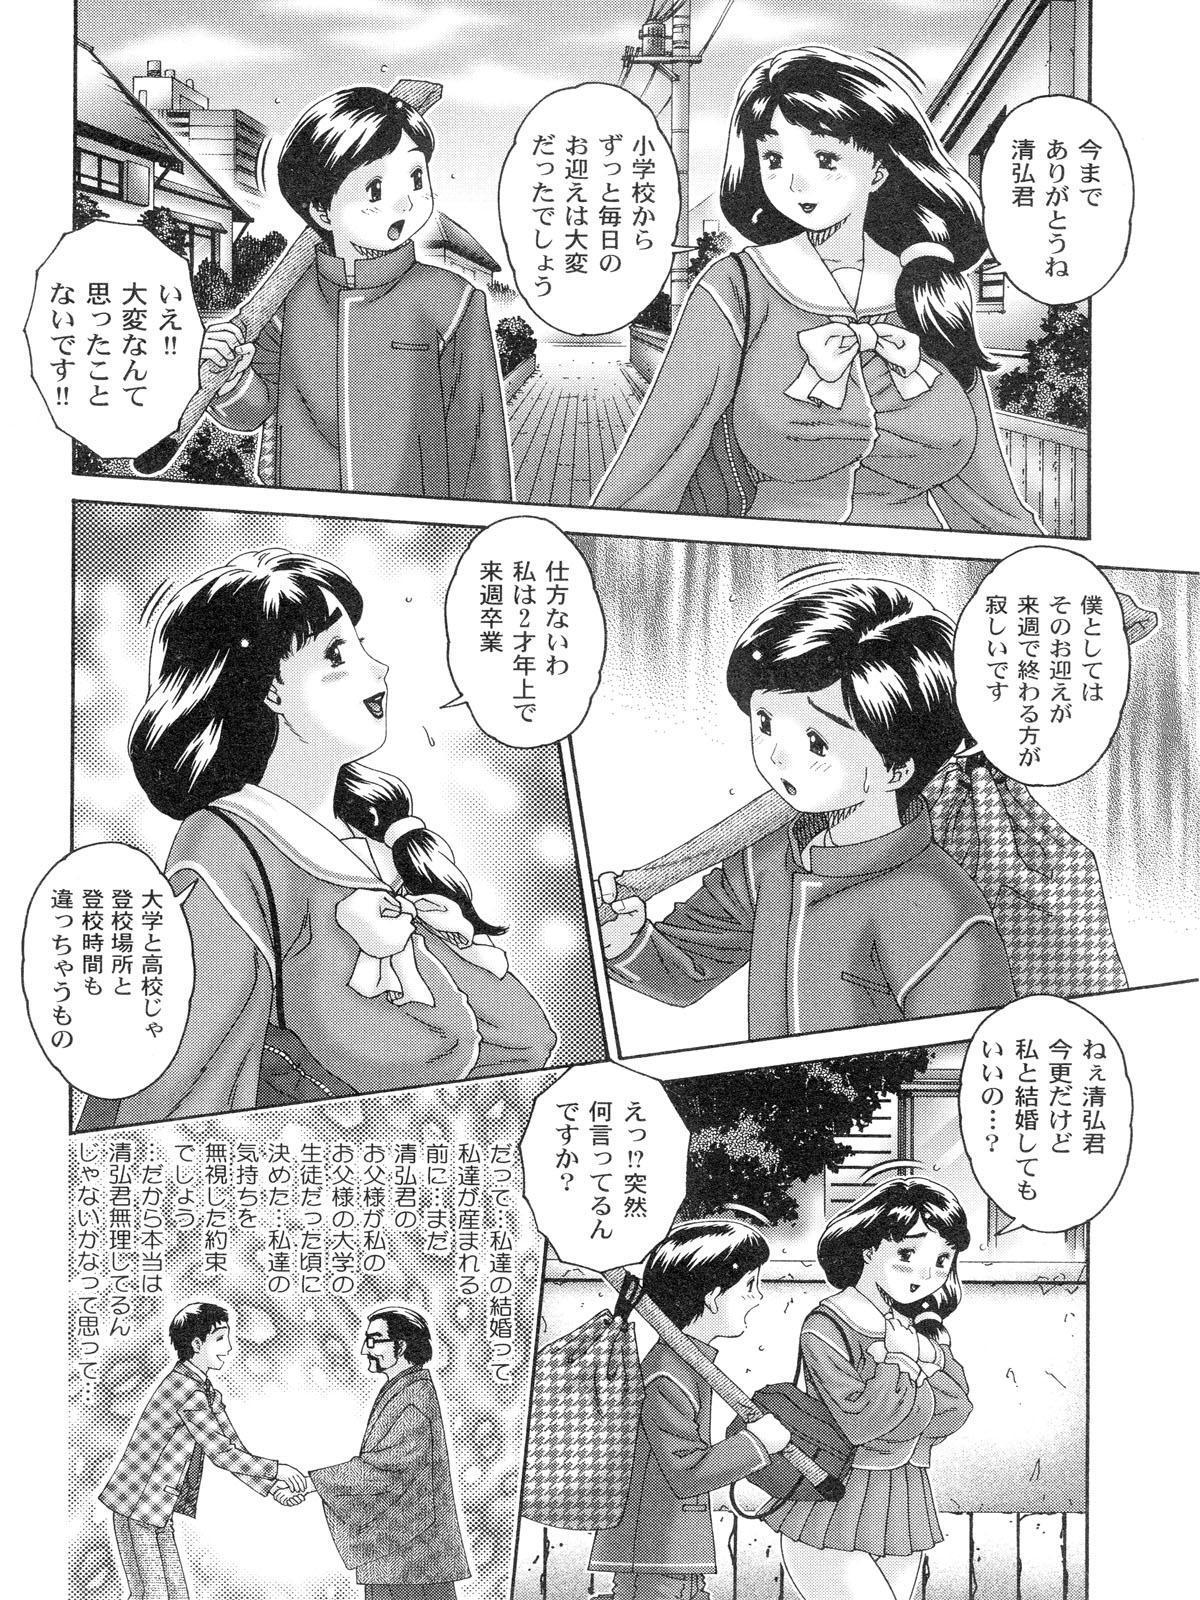 Nakadashi De Iinoyo 113